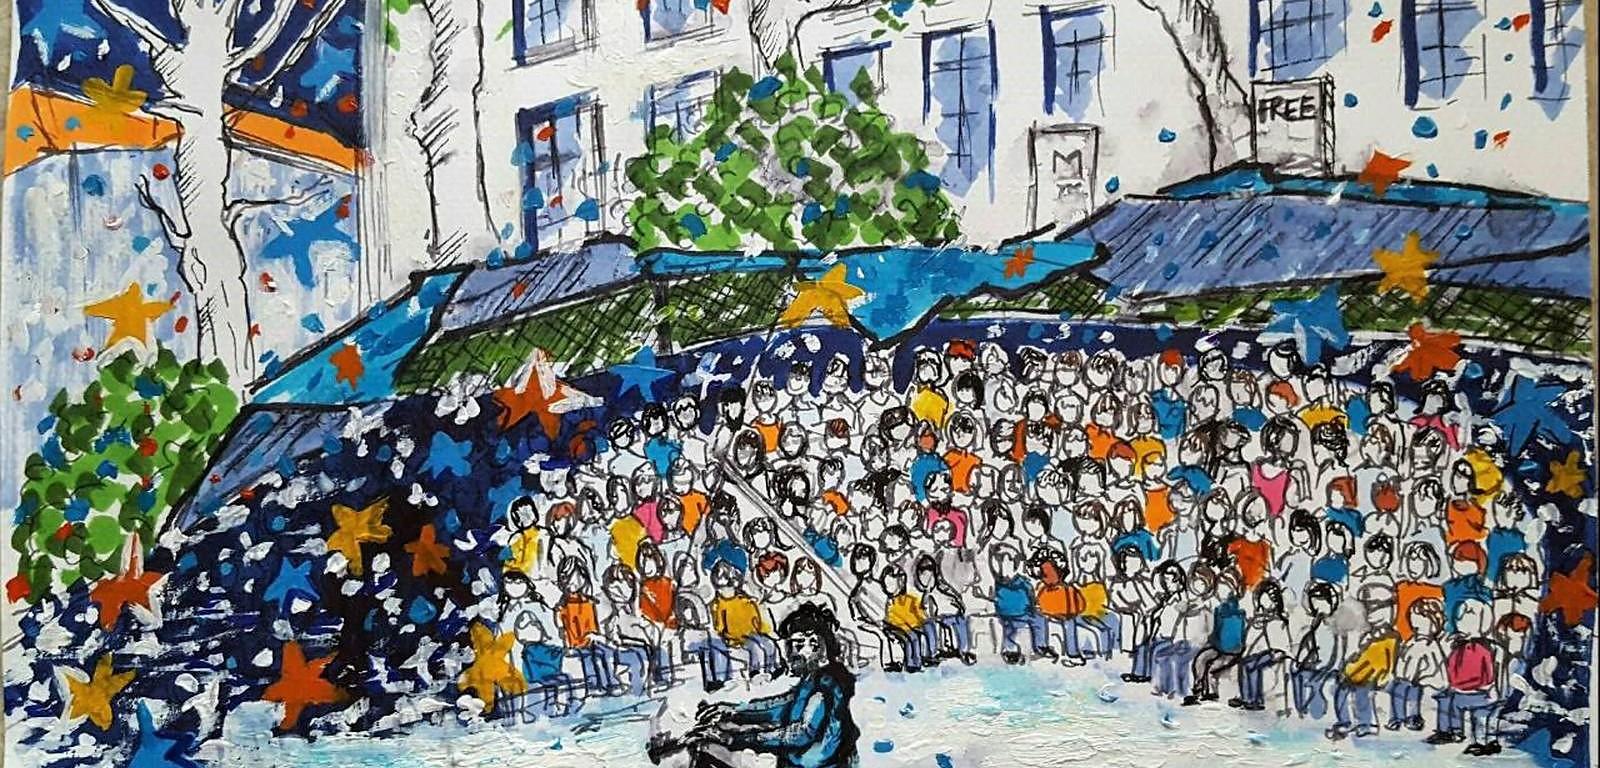 Nuit Debout - Tumblr Scarlet La culture des idées